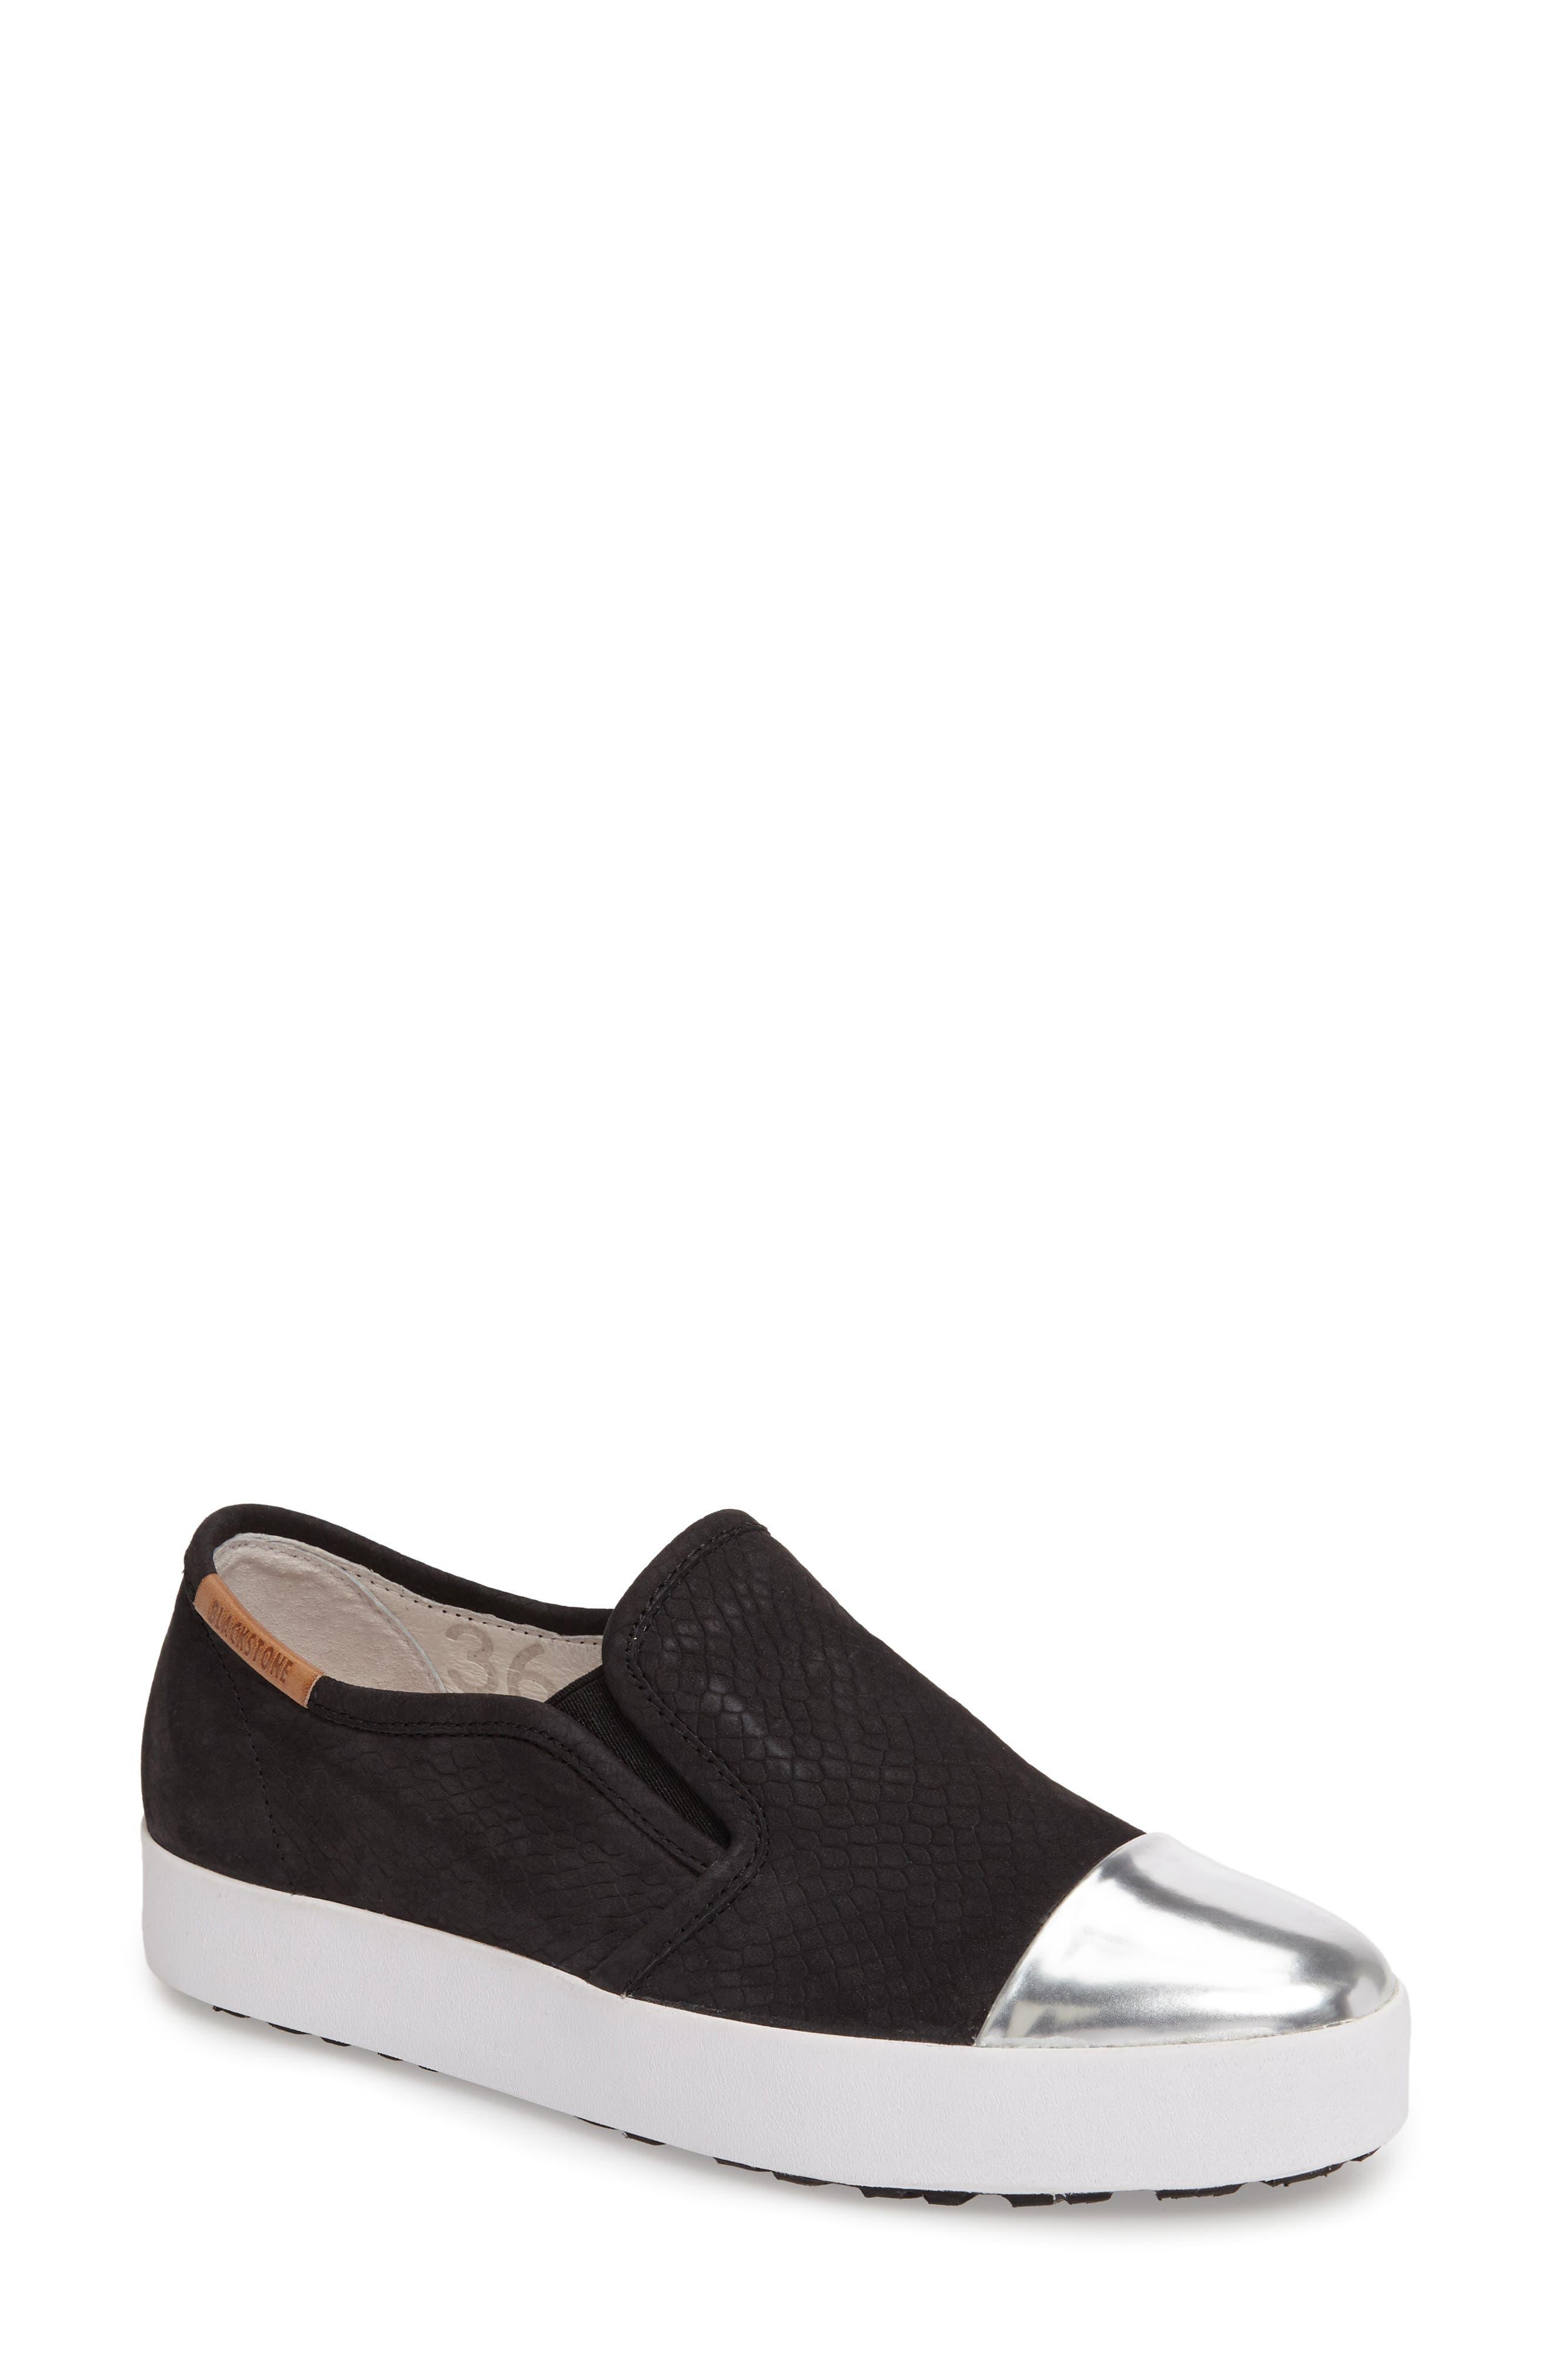 NL47 Slip-On Sneaker,                             Main thumbnail 1, color,